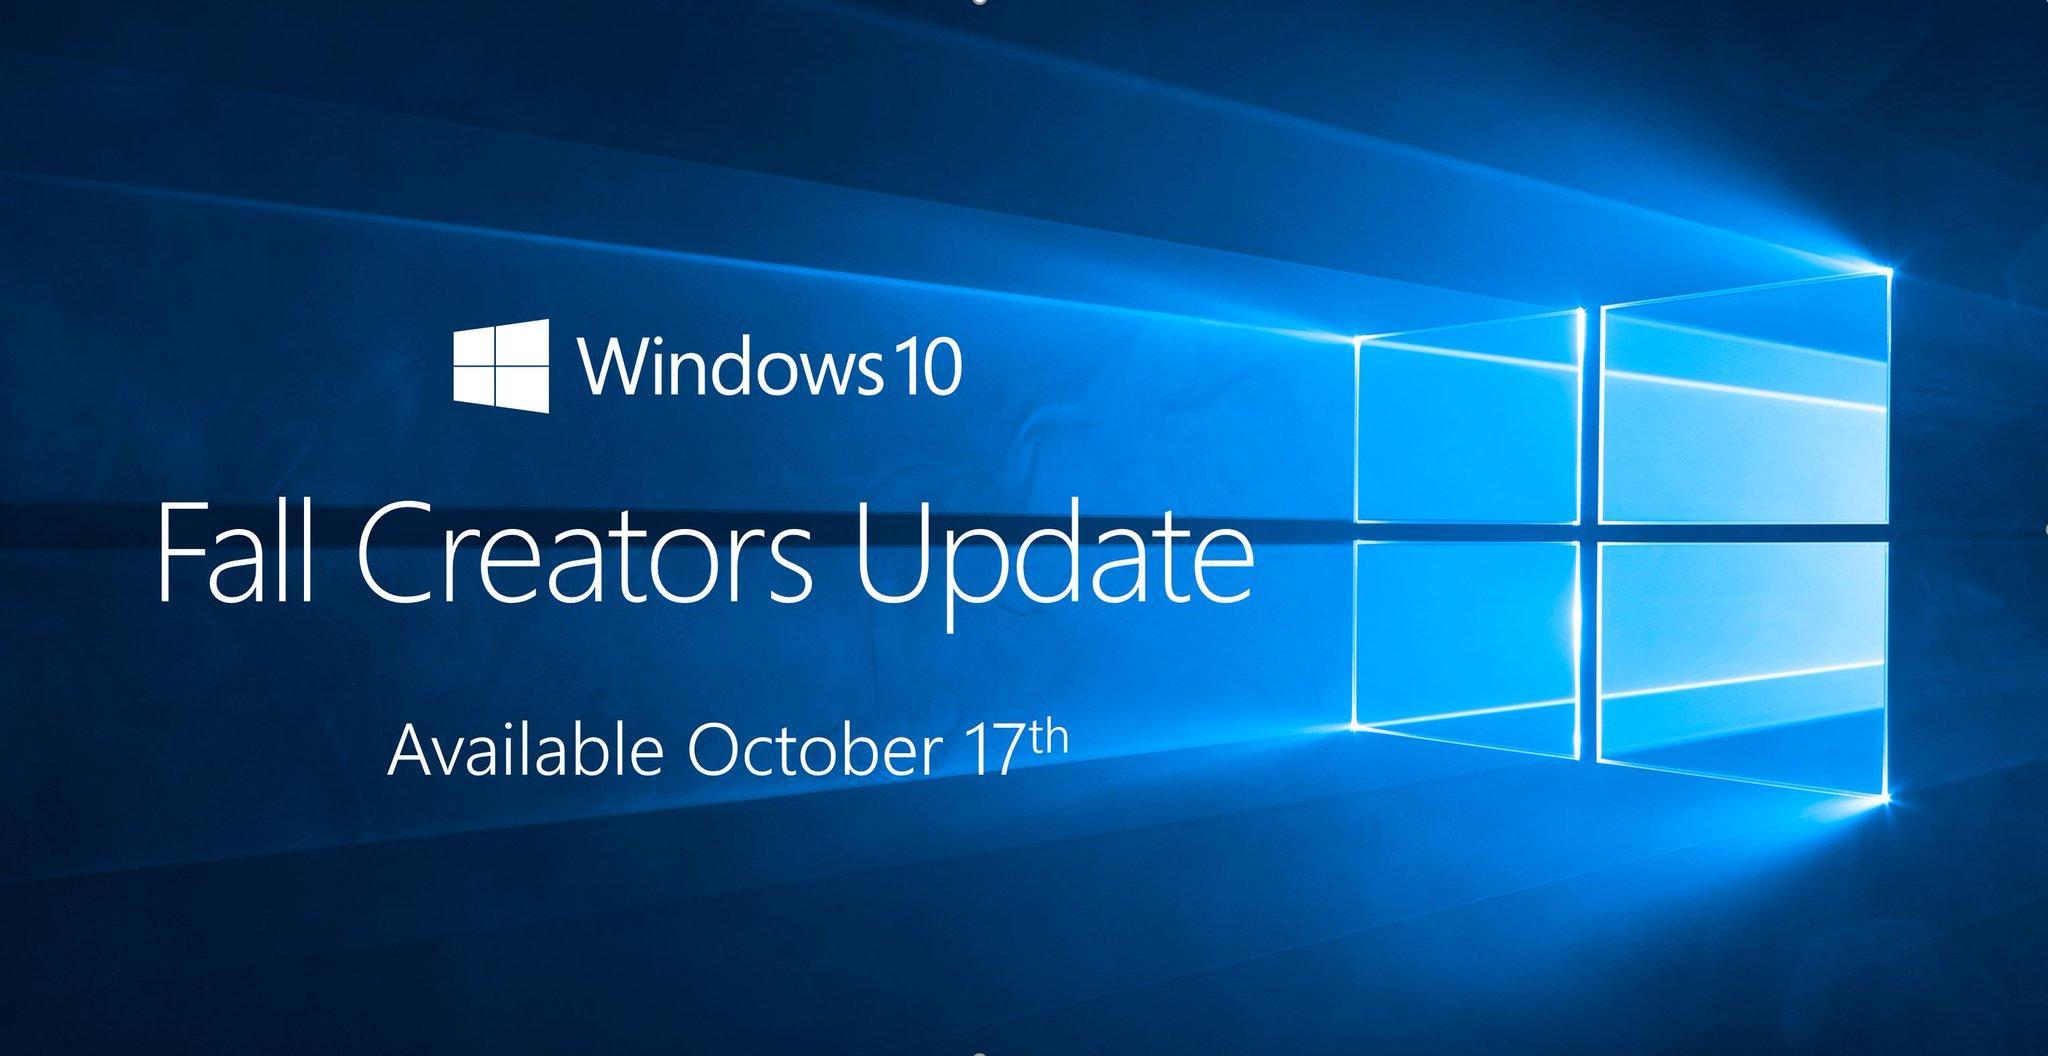 Windows 10 Fall Creators Update Final - Phiên bản chính thức sẵn sàng tải về